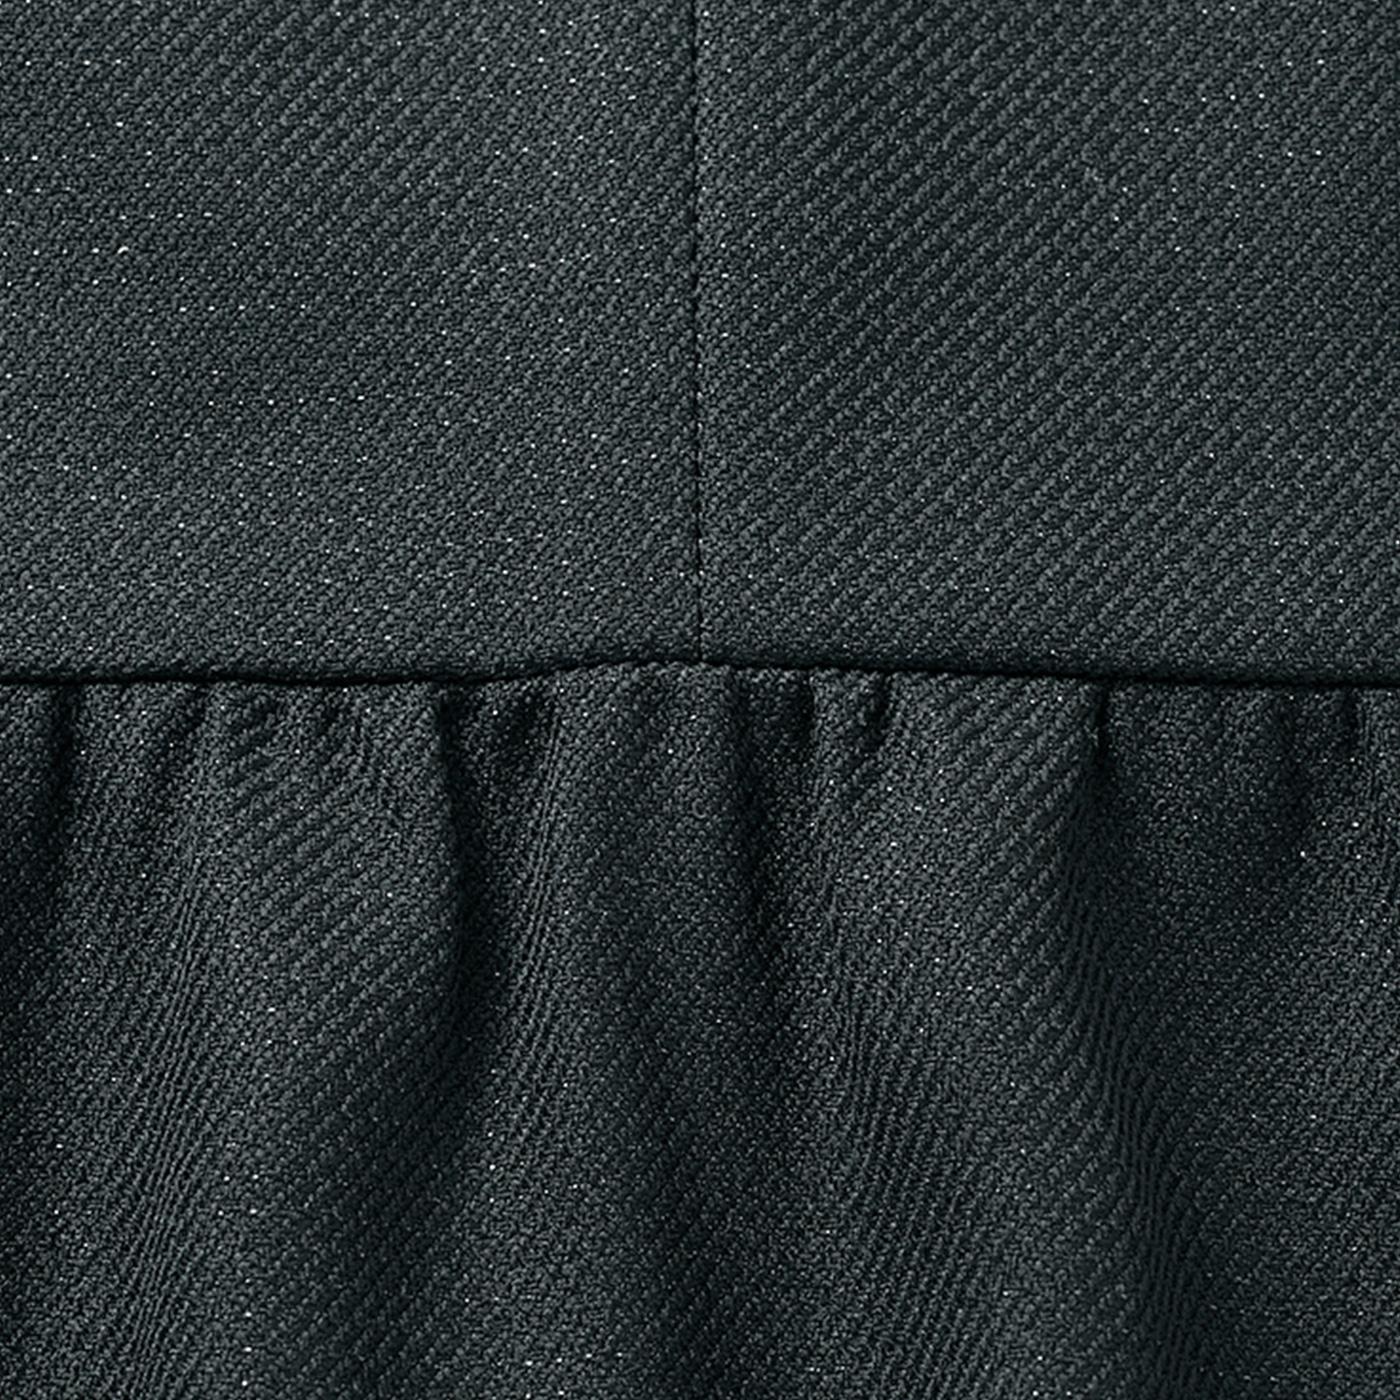 きちんと感のあるコンパクトなジャケットは、ウエスト切り替えのふんわりギャザーでやわらかな女性らしさも演出。